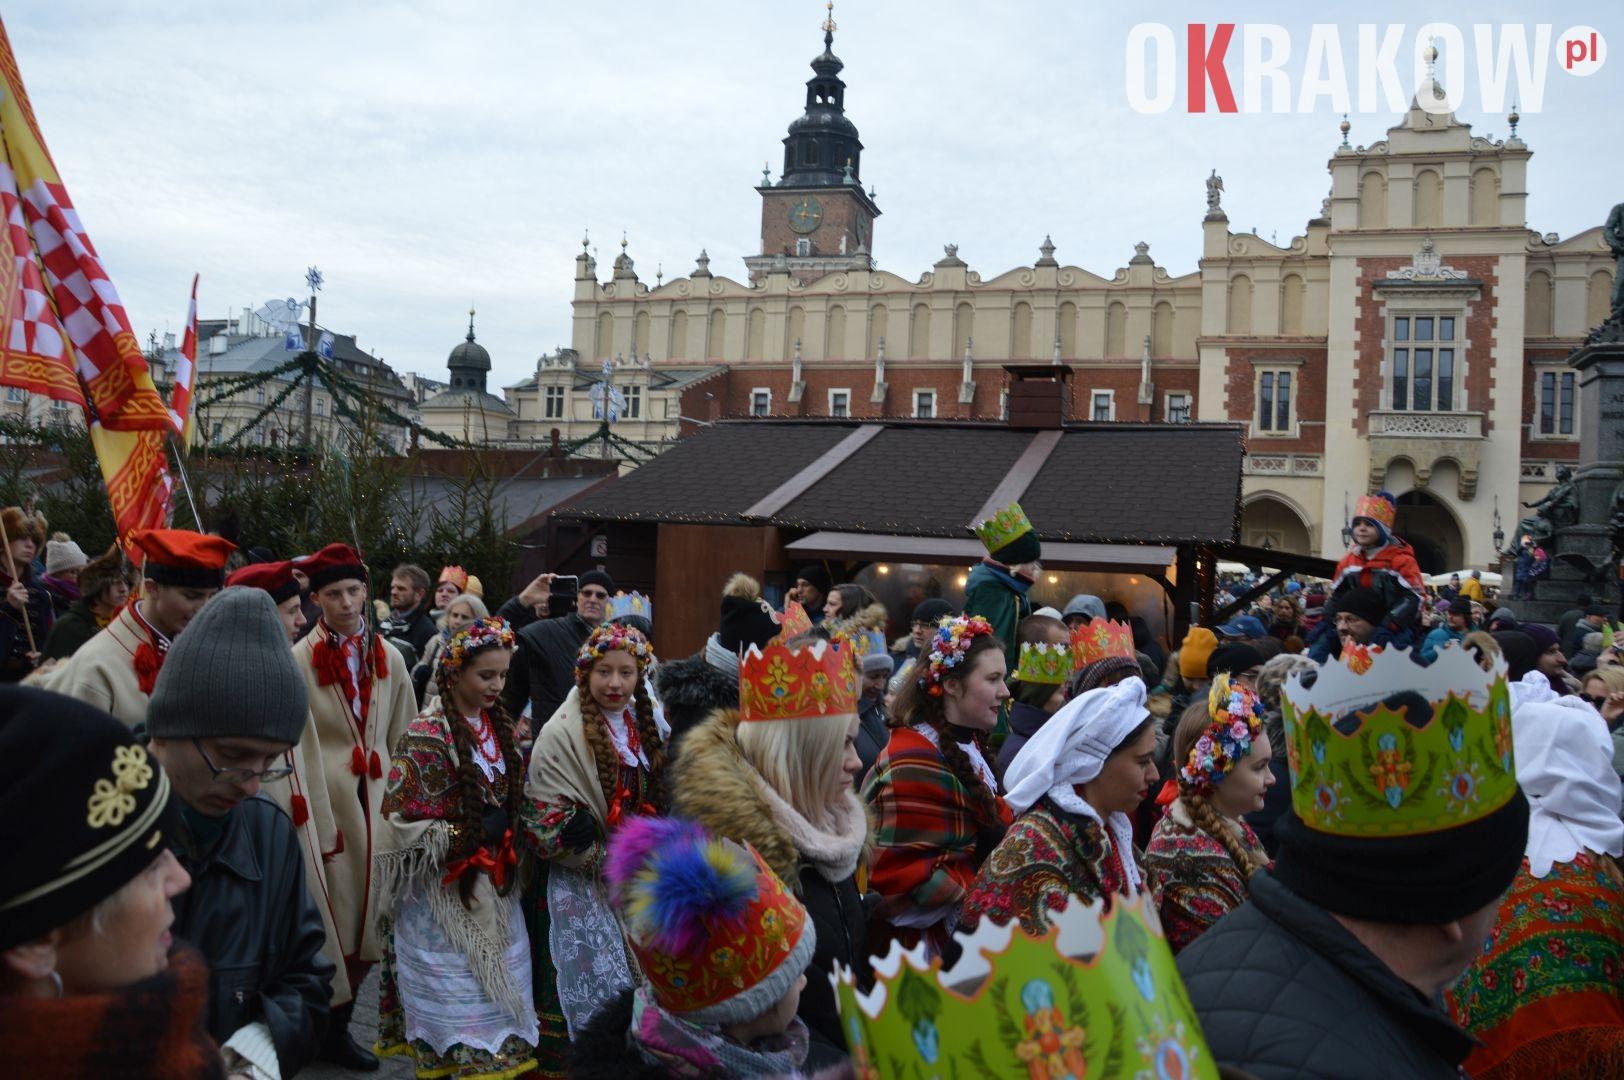 orszak 47 1 150x150 - Orszak Trzech Króli Kraków 2020 Galeria Zdjęć z Orszaku (czerwonego)